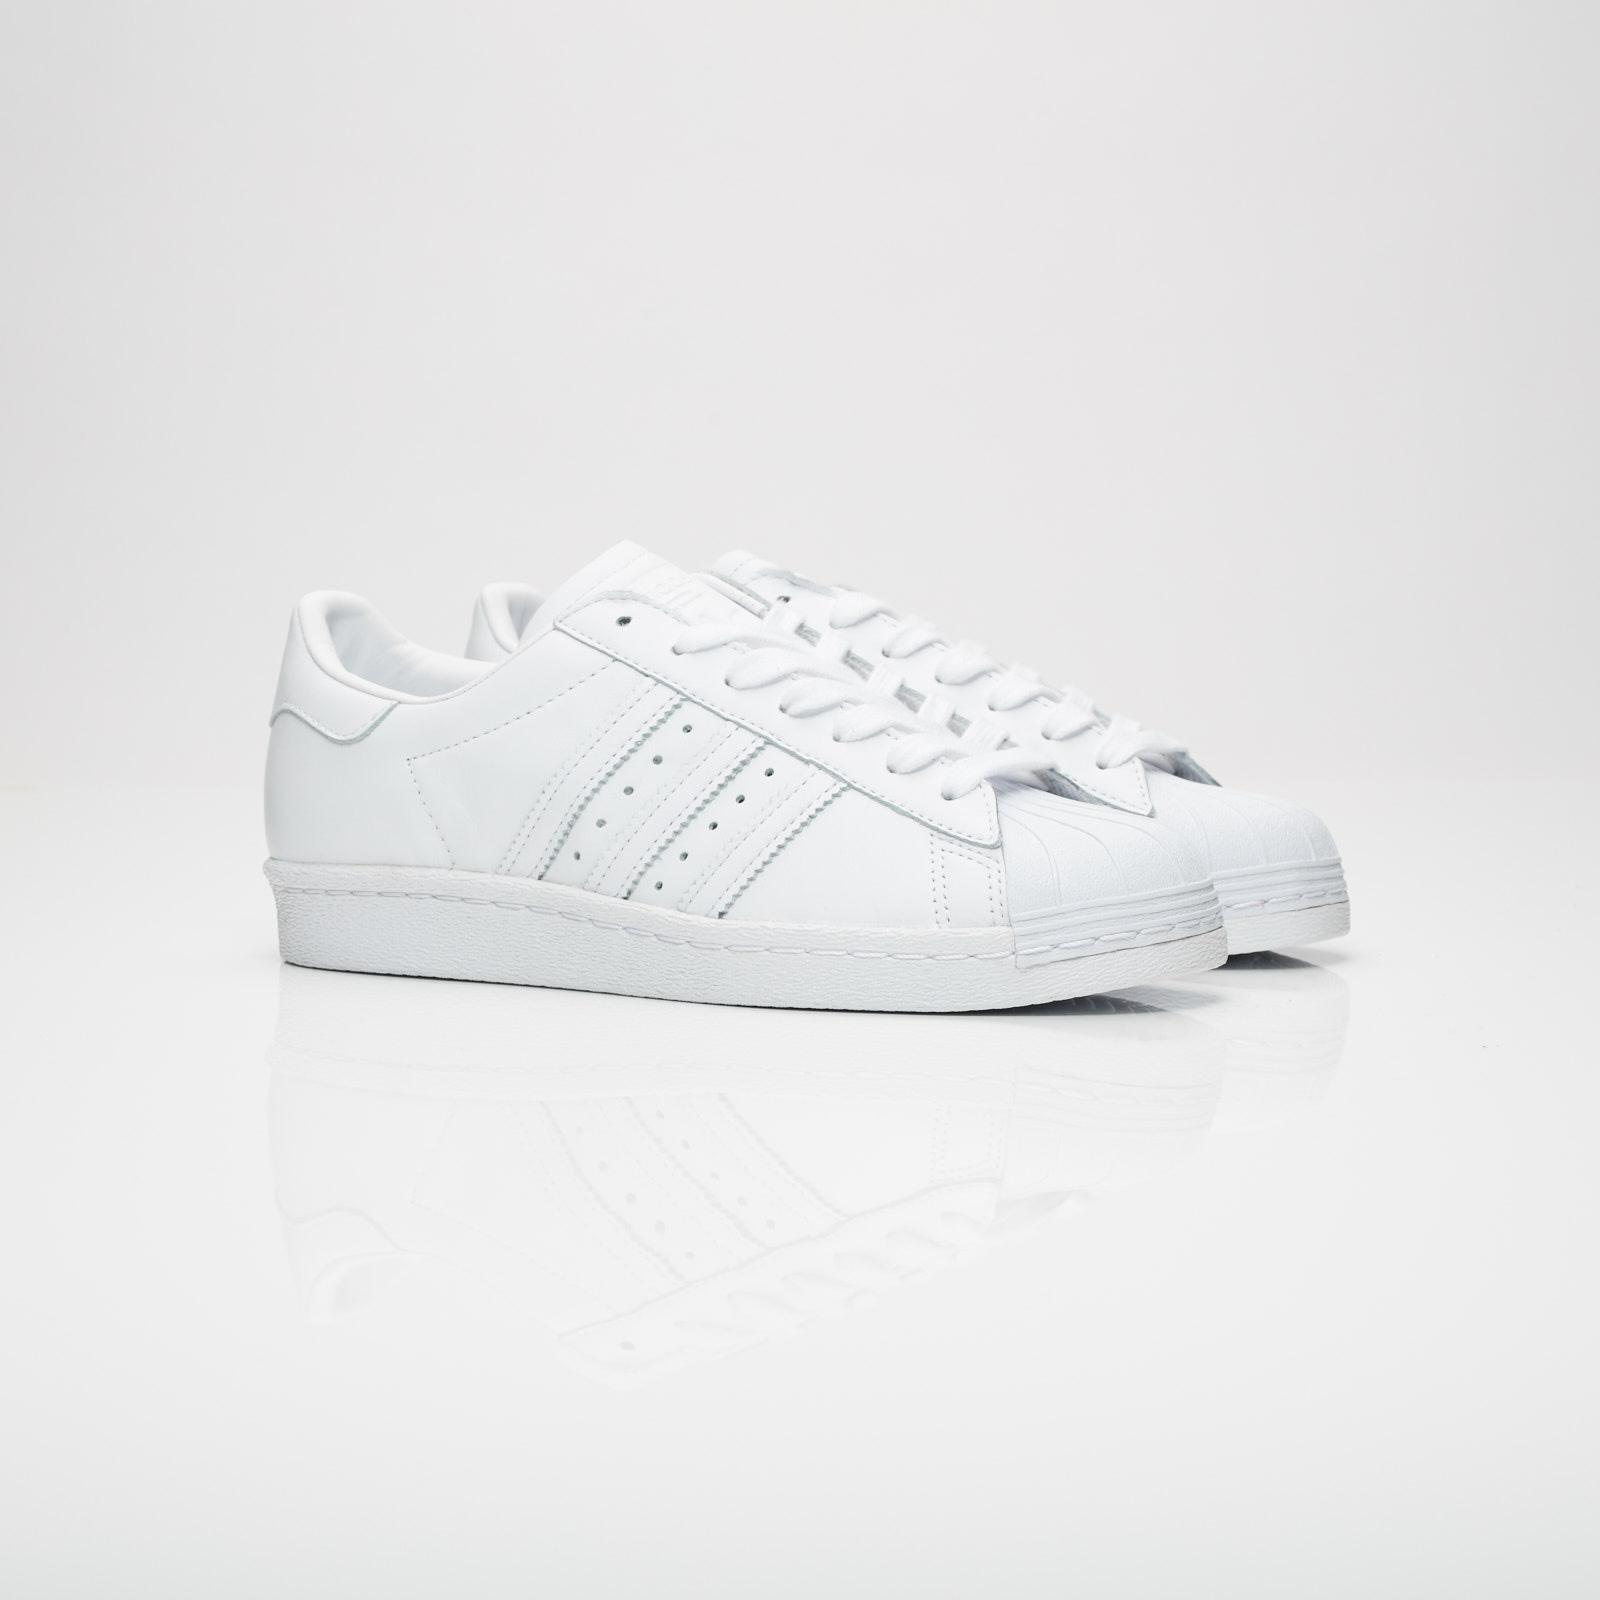 adidas Superstar 80s HH W - Cq3009